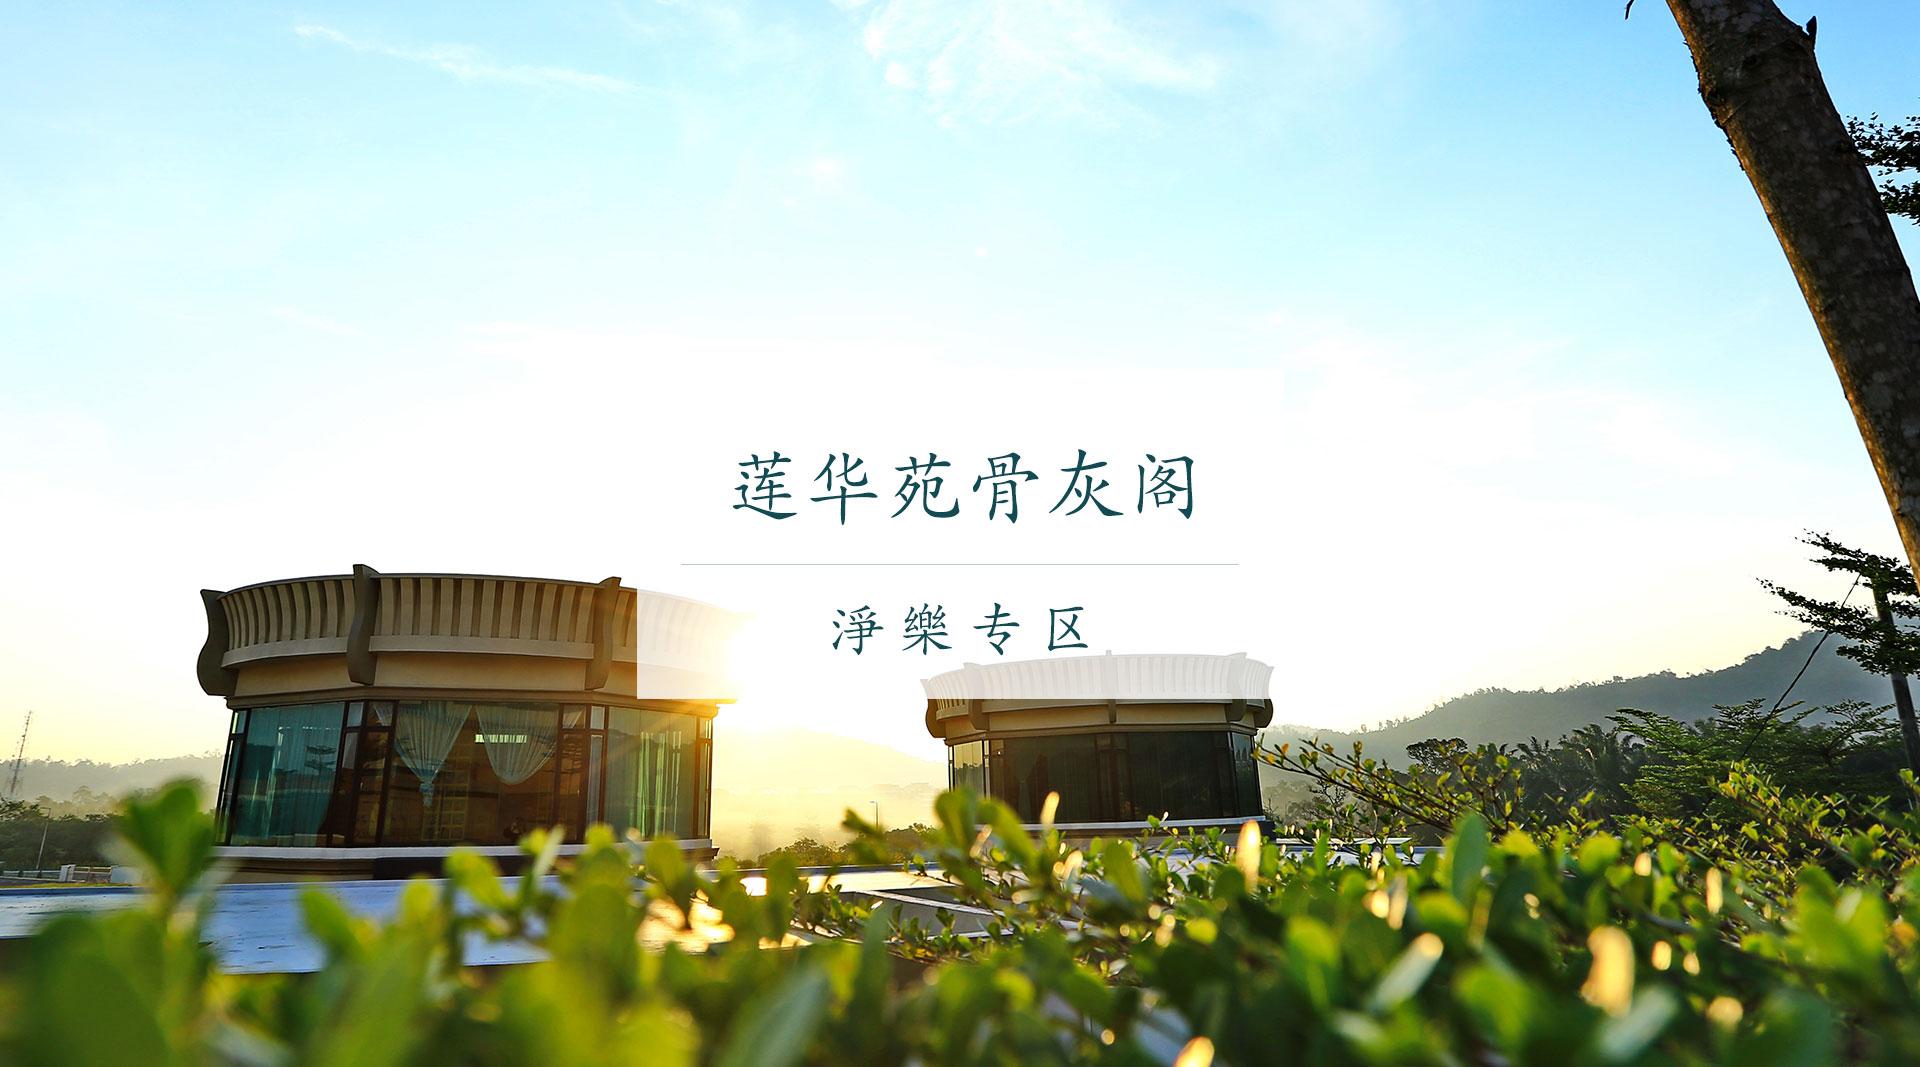 莲华苑骨灰阁-home-pic-1-2